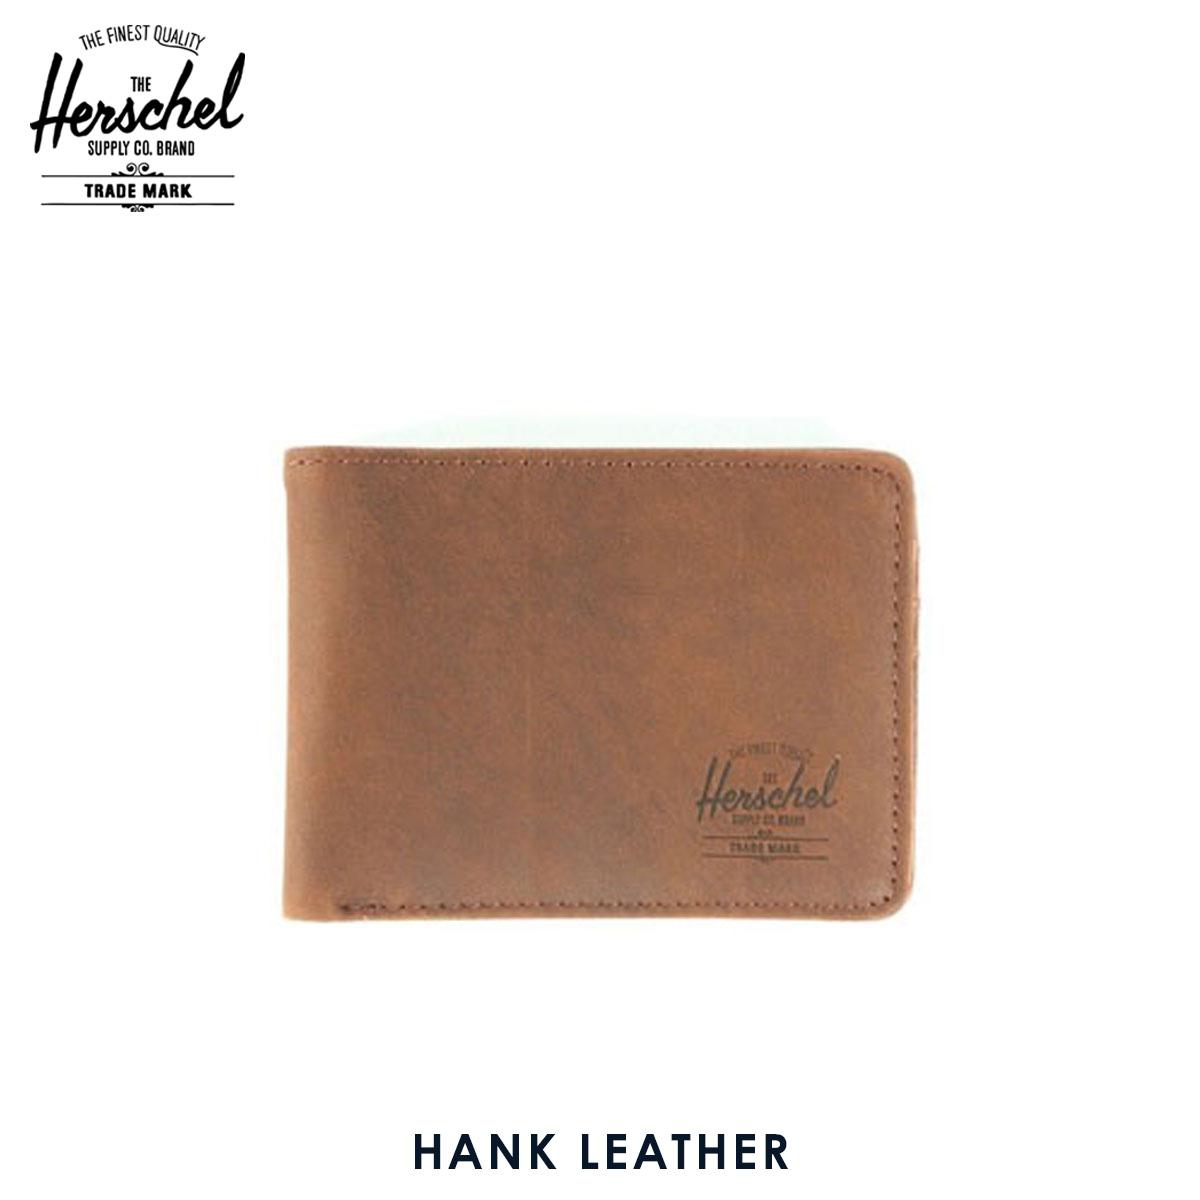 【ポイント10倍 6/4 20:00~6/11 01:59まで】 ハーシェル 財布 正規販売店 Herschel Supply ハーシェルサプライ ウォレット 10049-00037-OS Hank Leather Brown Nubuck 財布 レザー D15S25 父の日